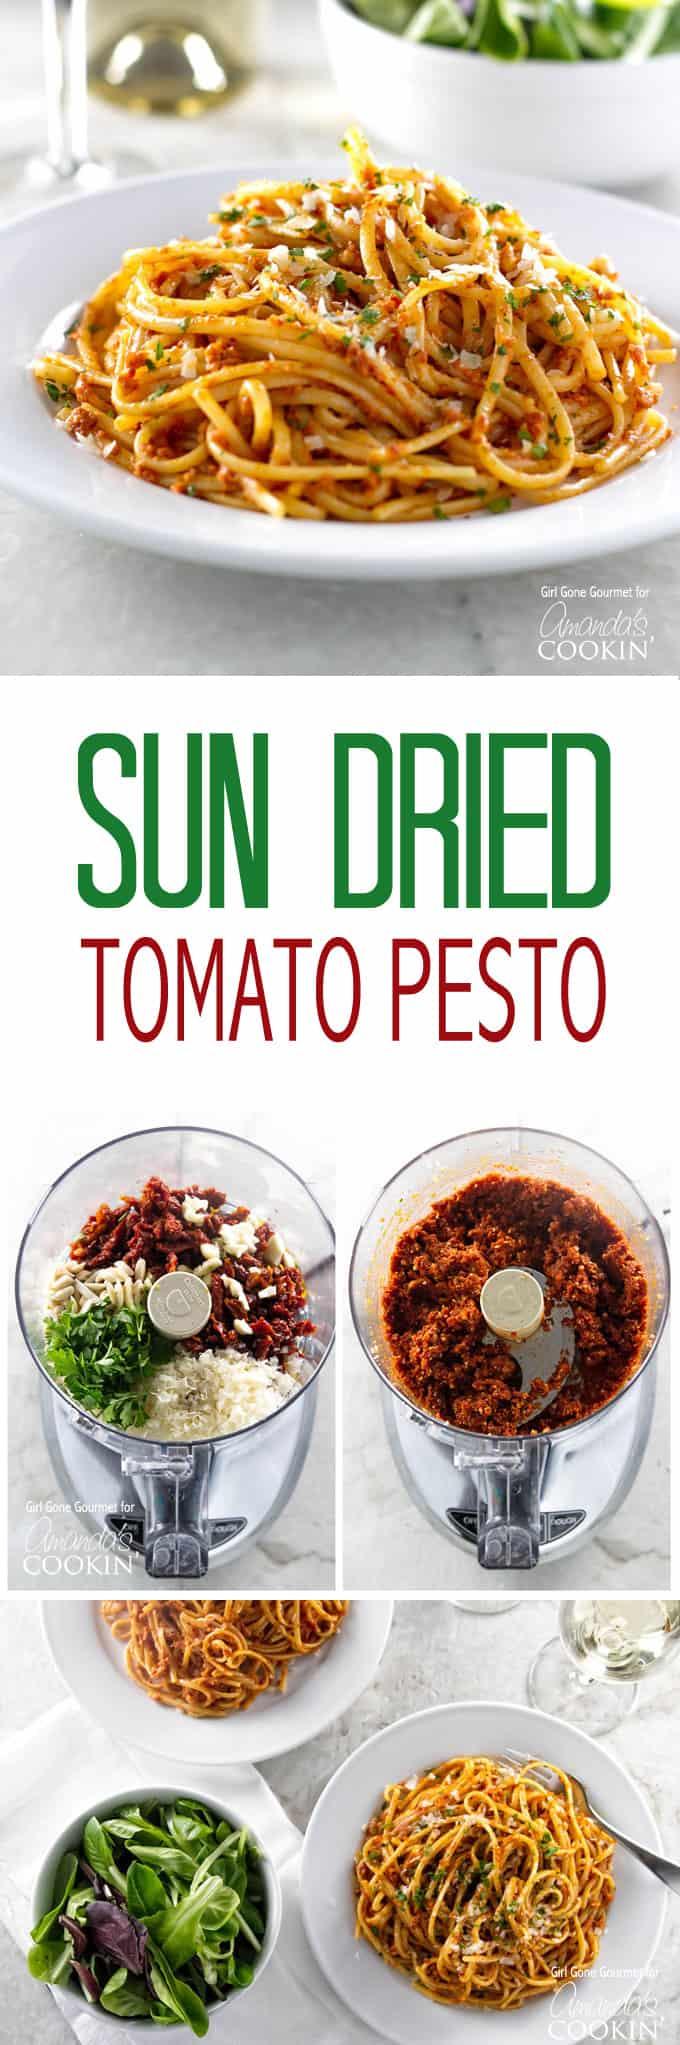 Sun-dried Tomato Pesto: almonds, parmesan, parsley, pesto